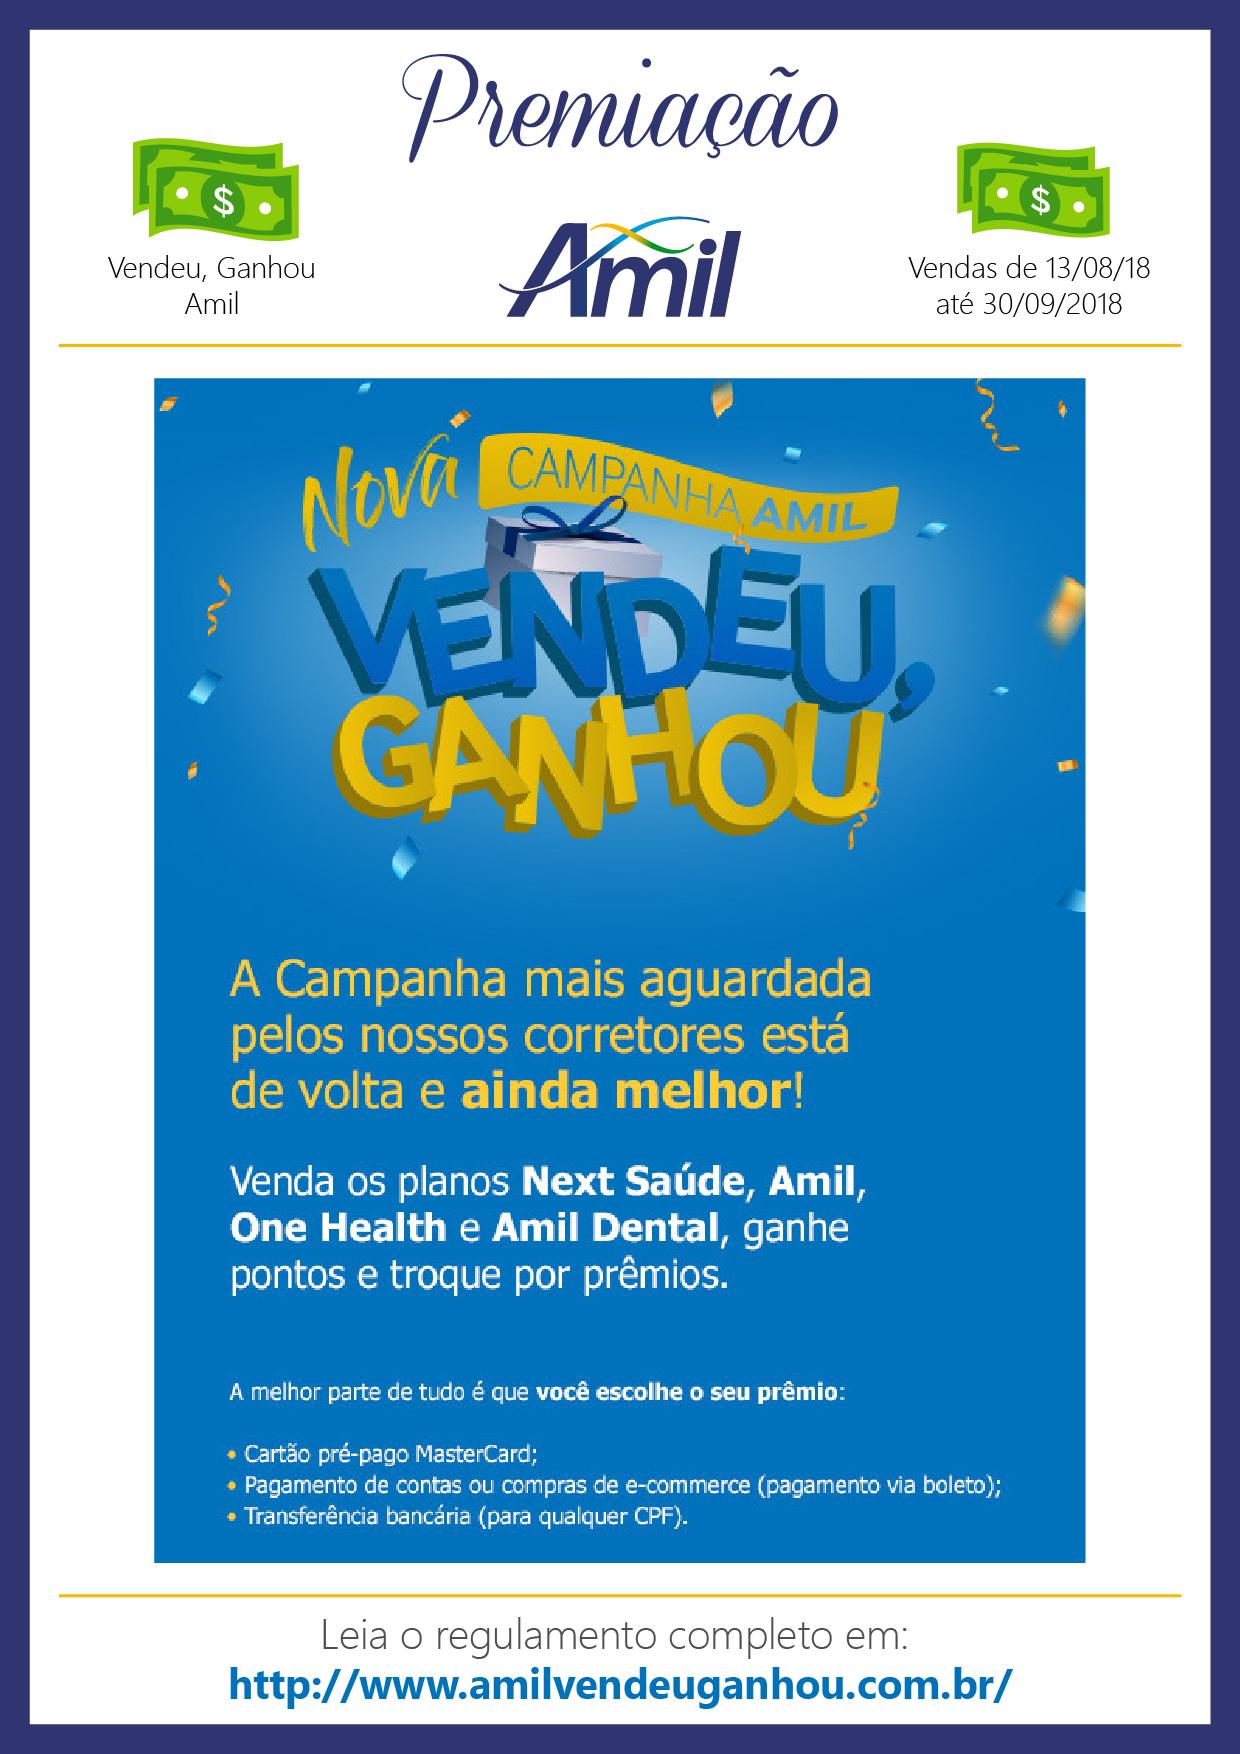 LPx-Campanhas-Amil-Vendeu-Ganhou